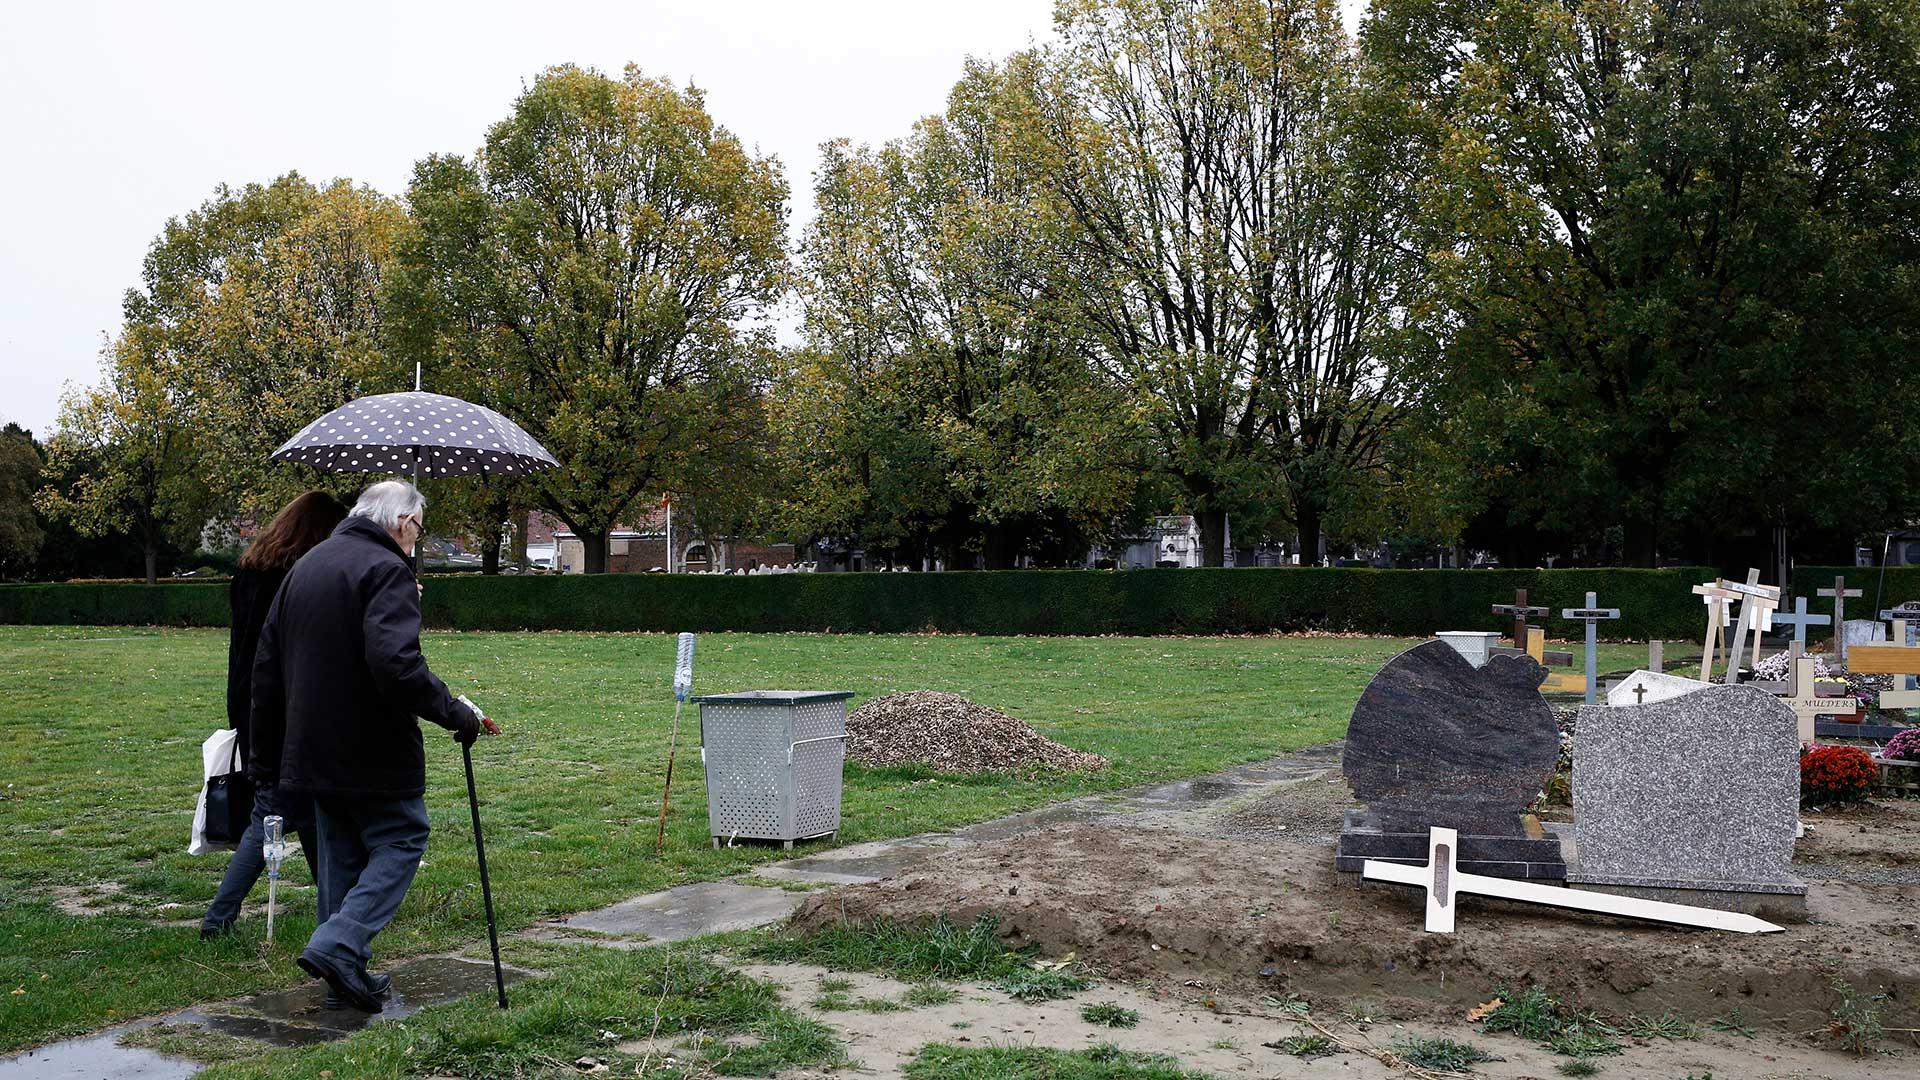 Actualisering regels op begraafplaatsen